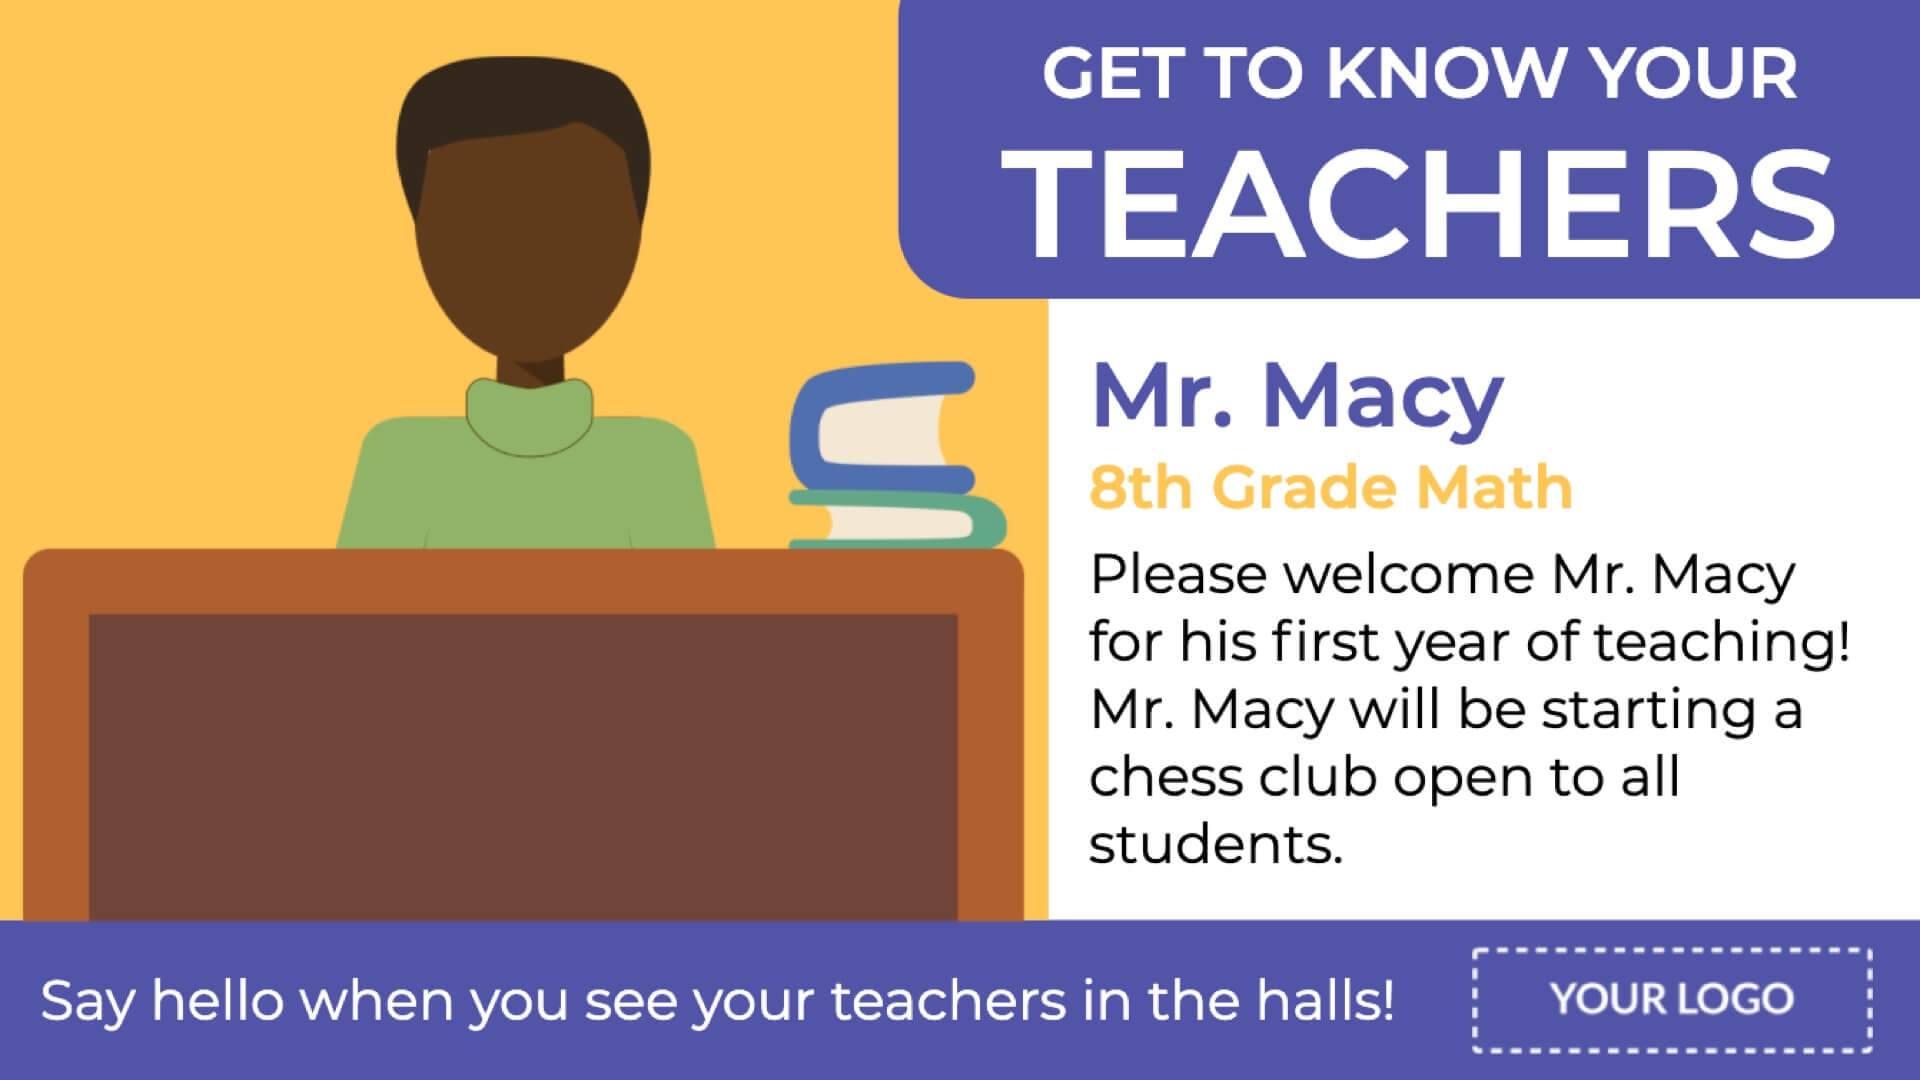 Teacher Profiles Digital Signage Template